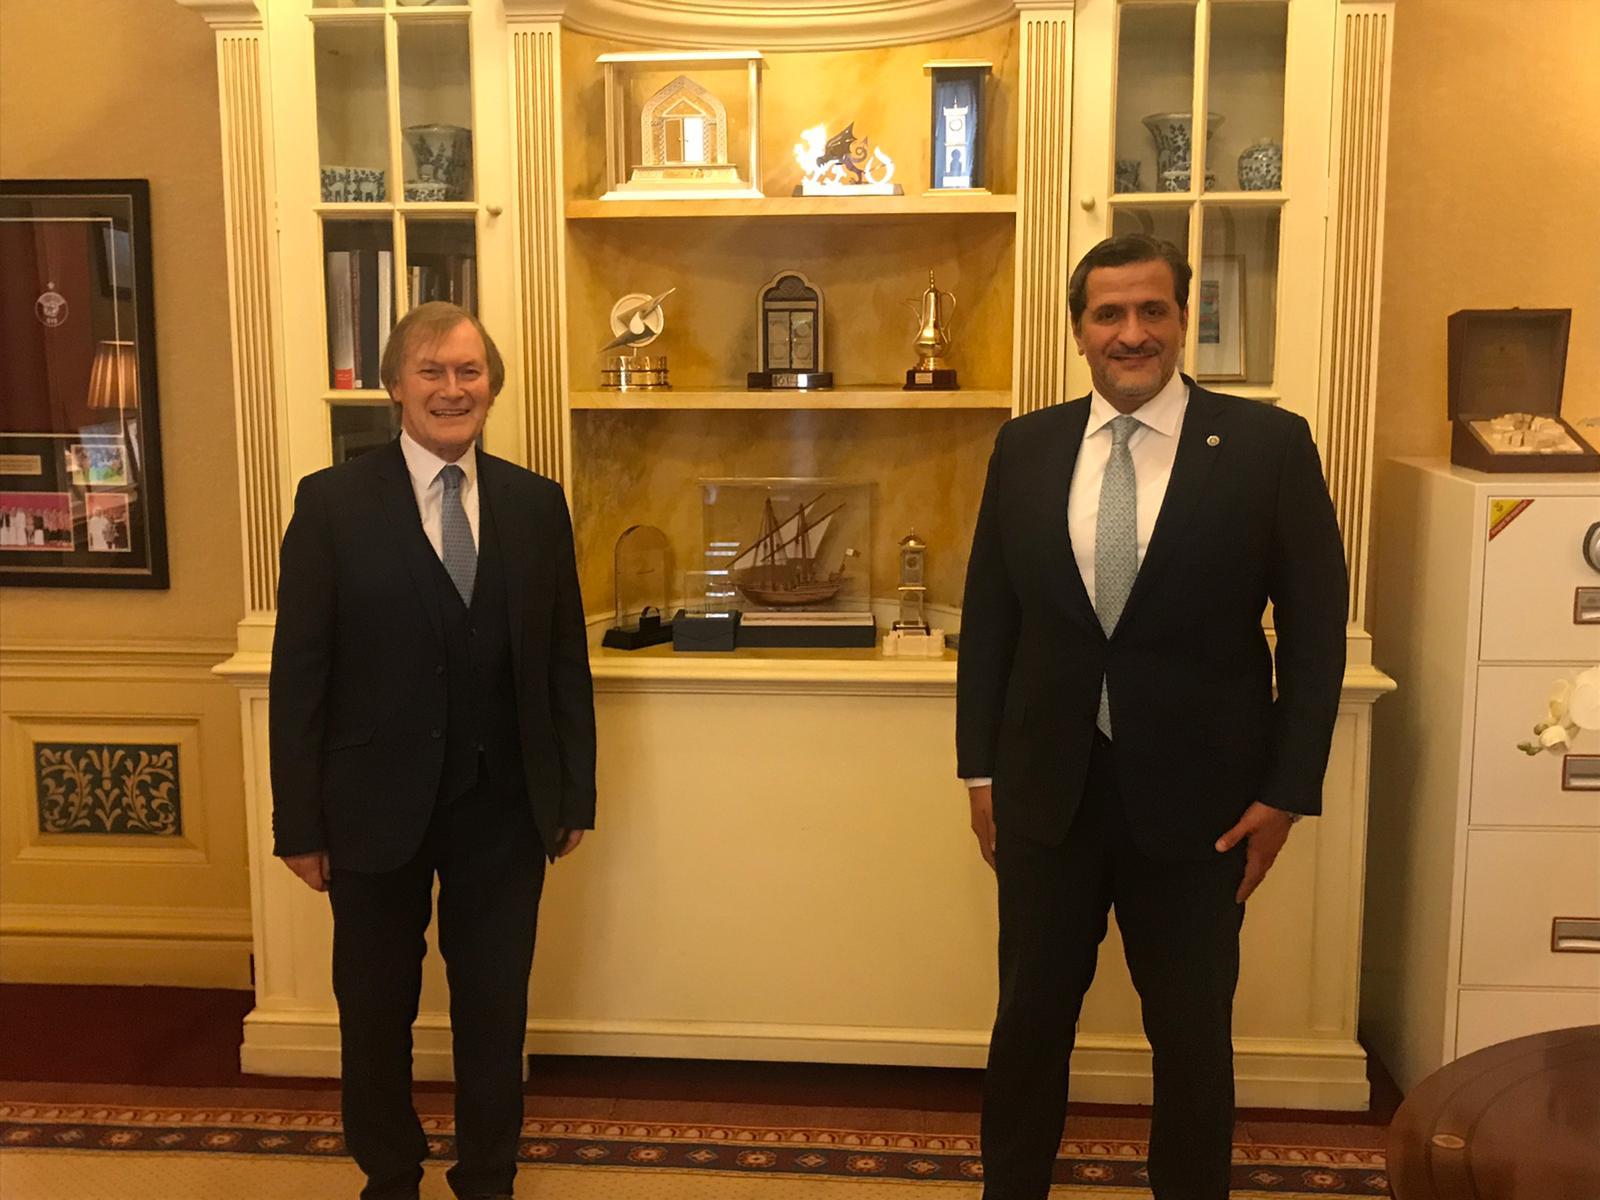 سفير قطر لدى بريطانيا يجتمع مع رئيس المجموعة البرلمانية المشتركة بين الأحزاب المعنية بدولة قطر